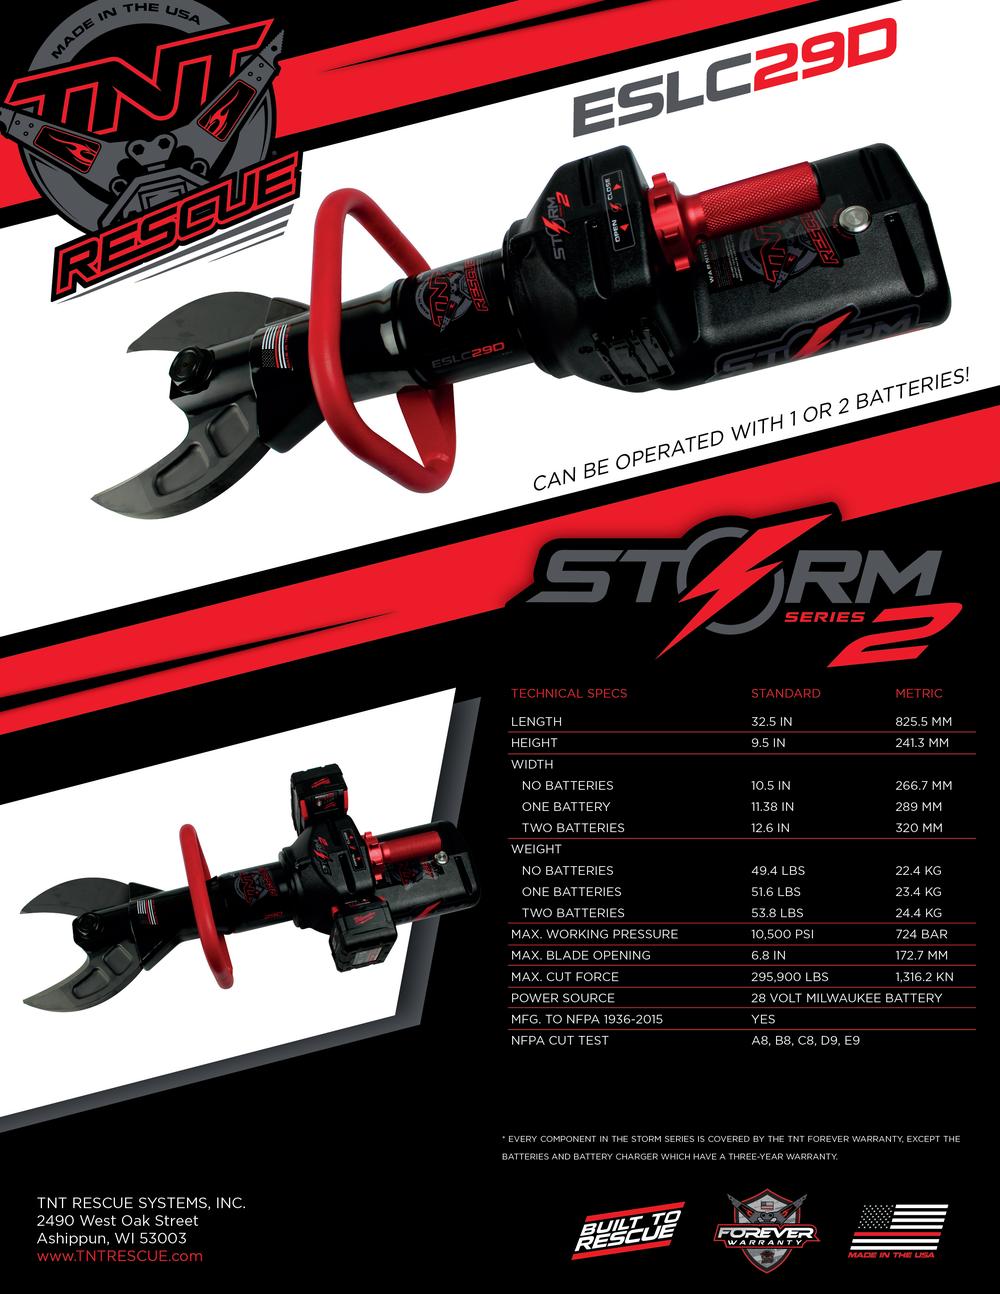 TNT-Spec-sheet-ESLC29D.png